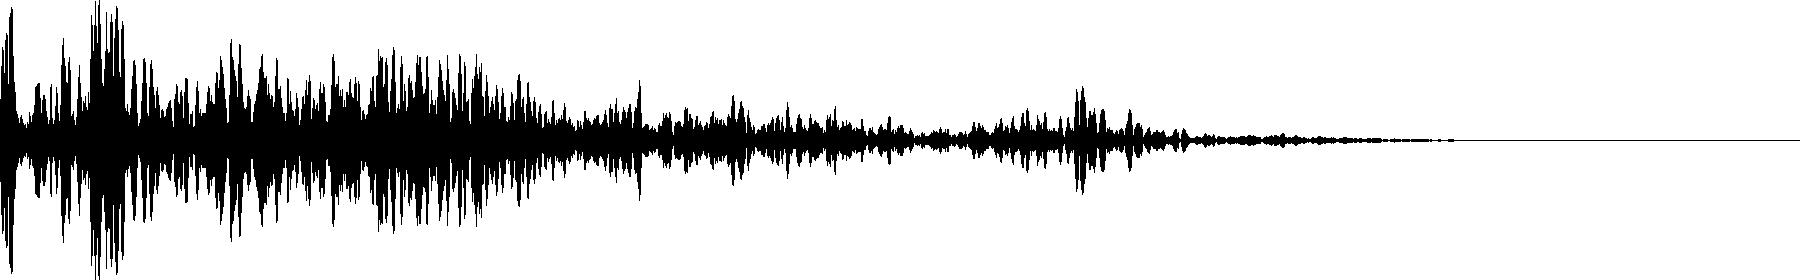 bluezone xworld sound 030